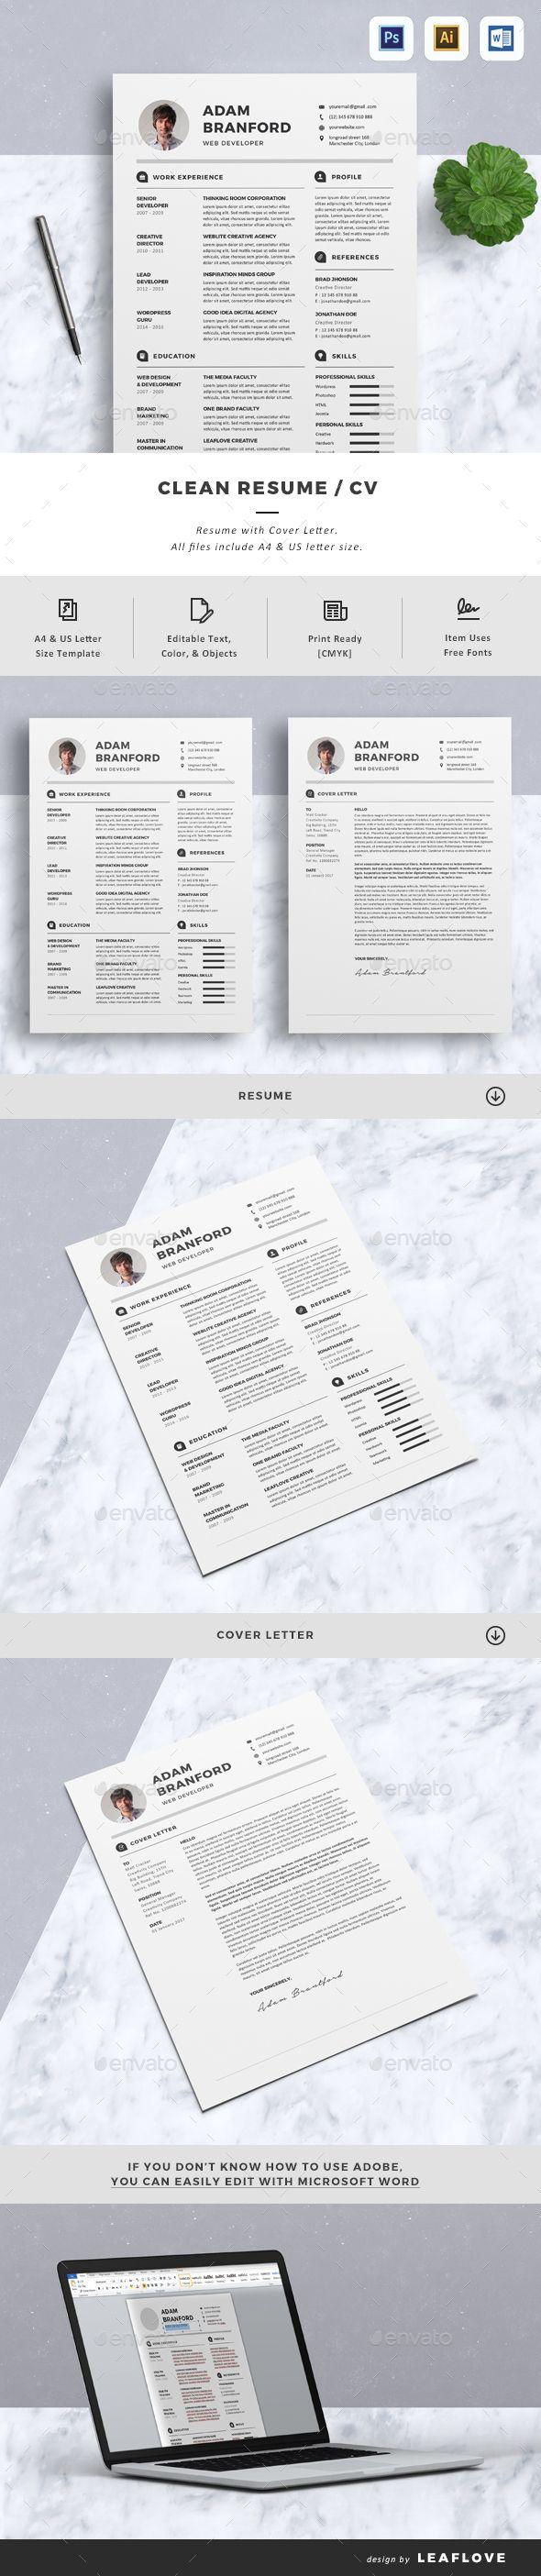 Pin On Killer Resume Template Design